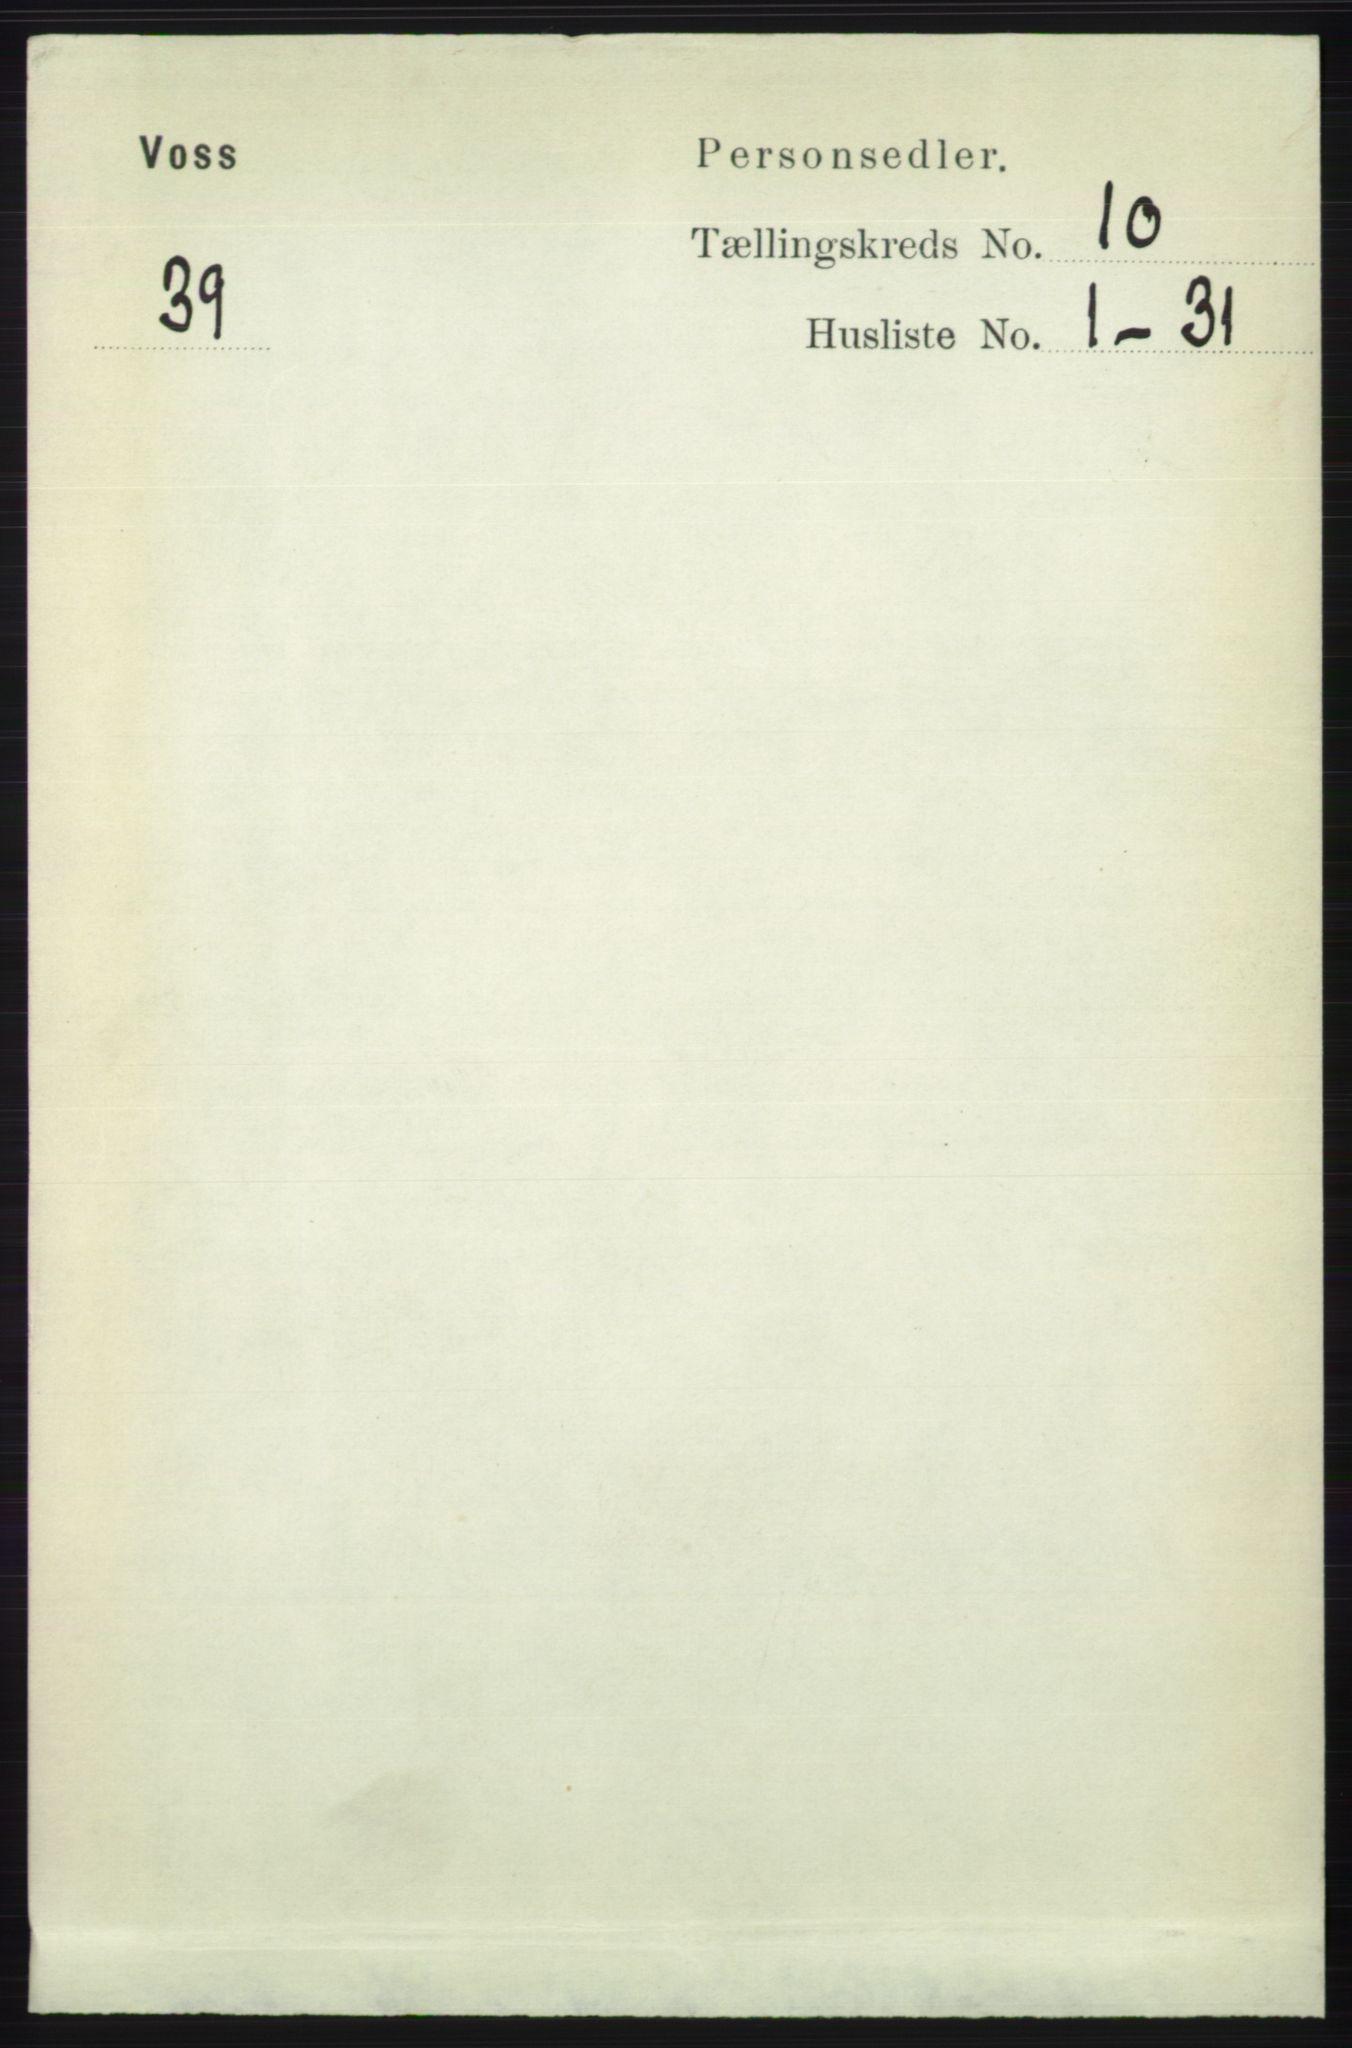 RA, Folketelling 1891 for 1235 Voss herred, 1891, s. 5209